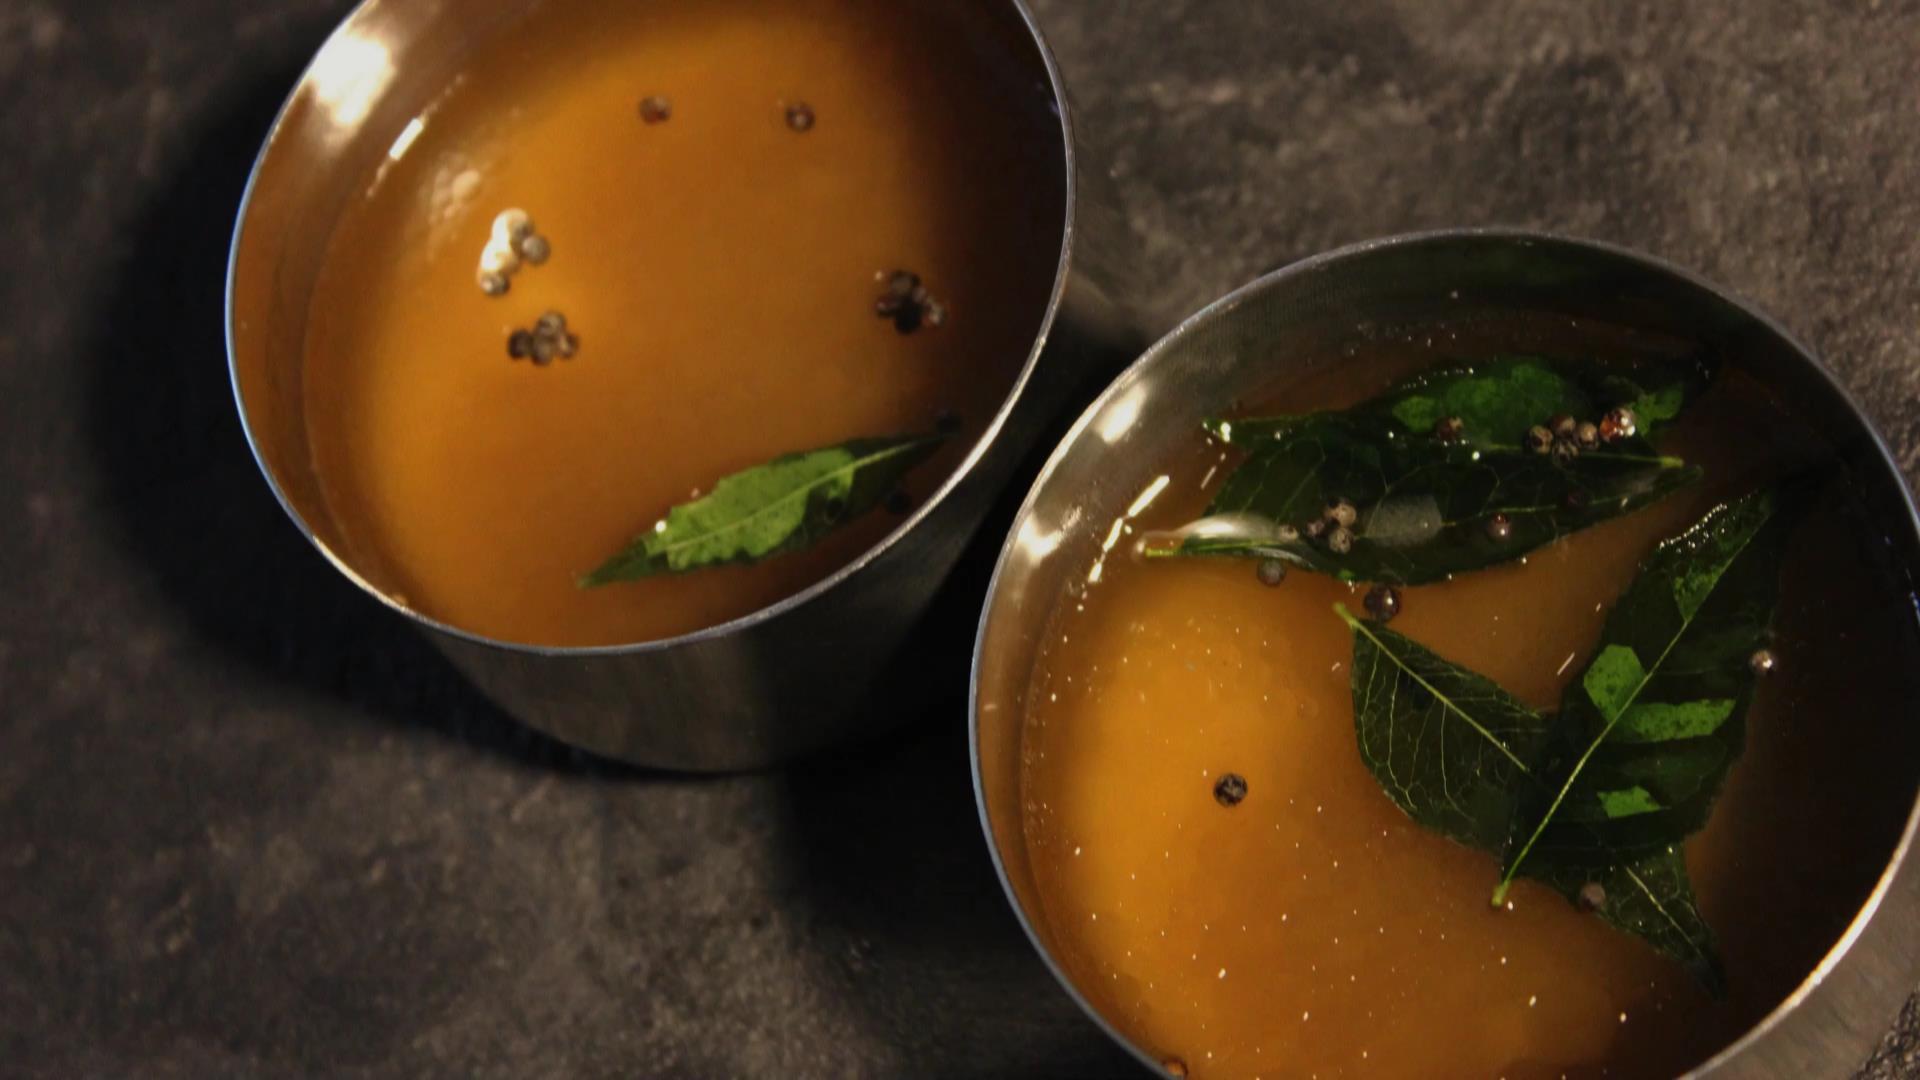 南インド屋の「ラッサム」のレシピ